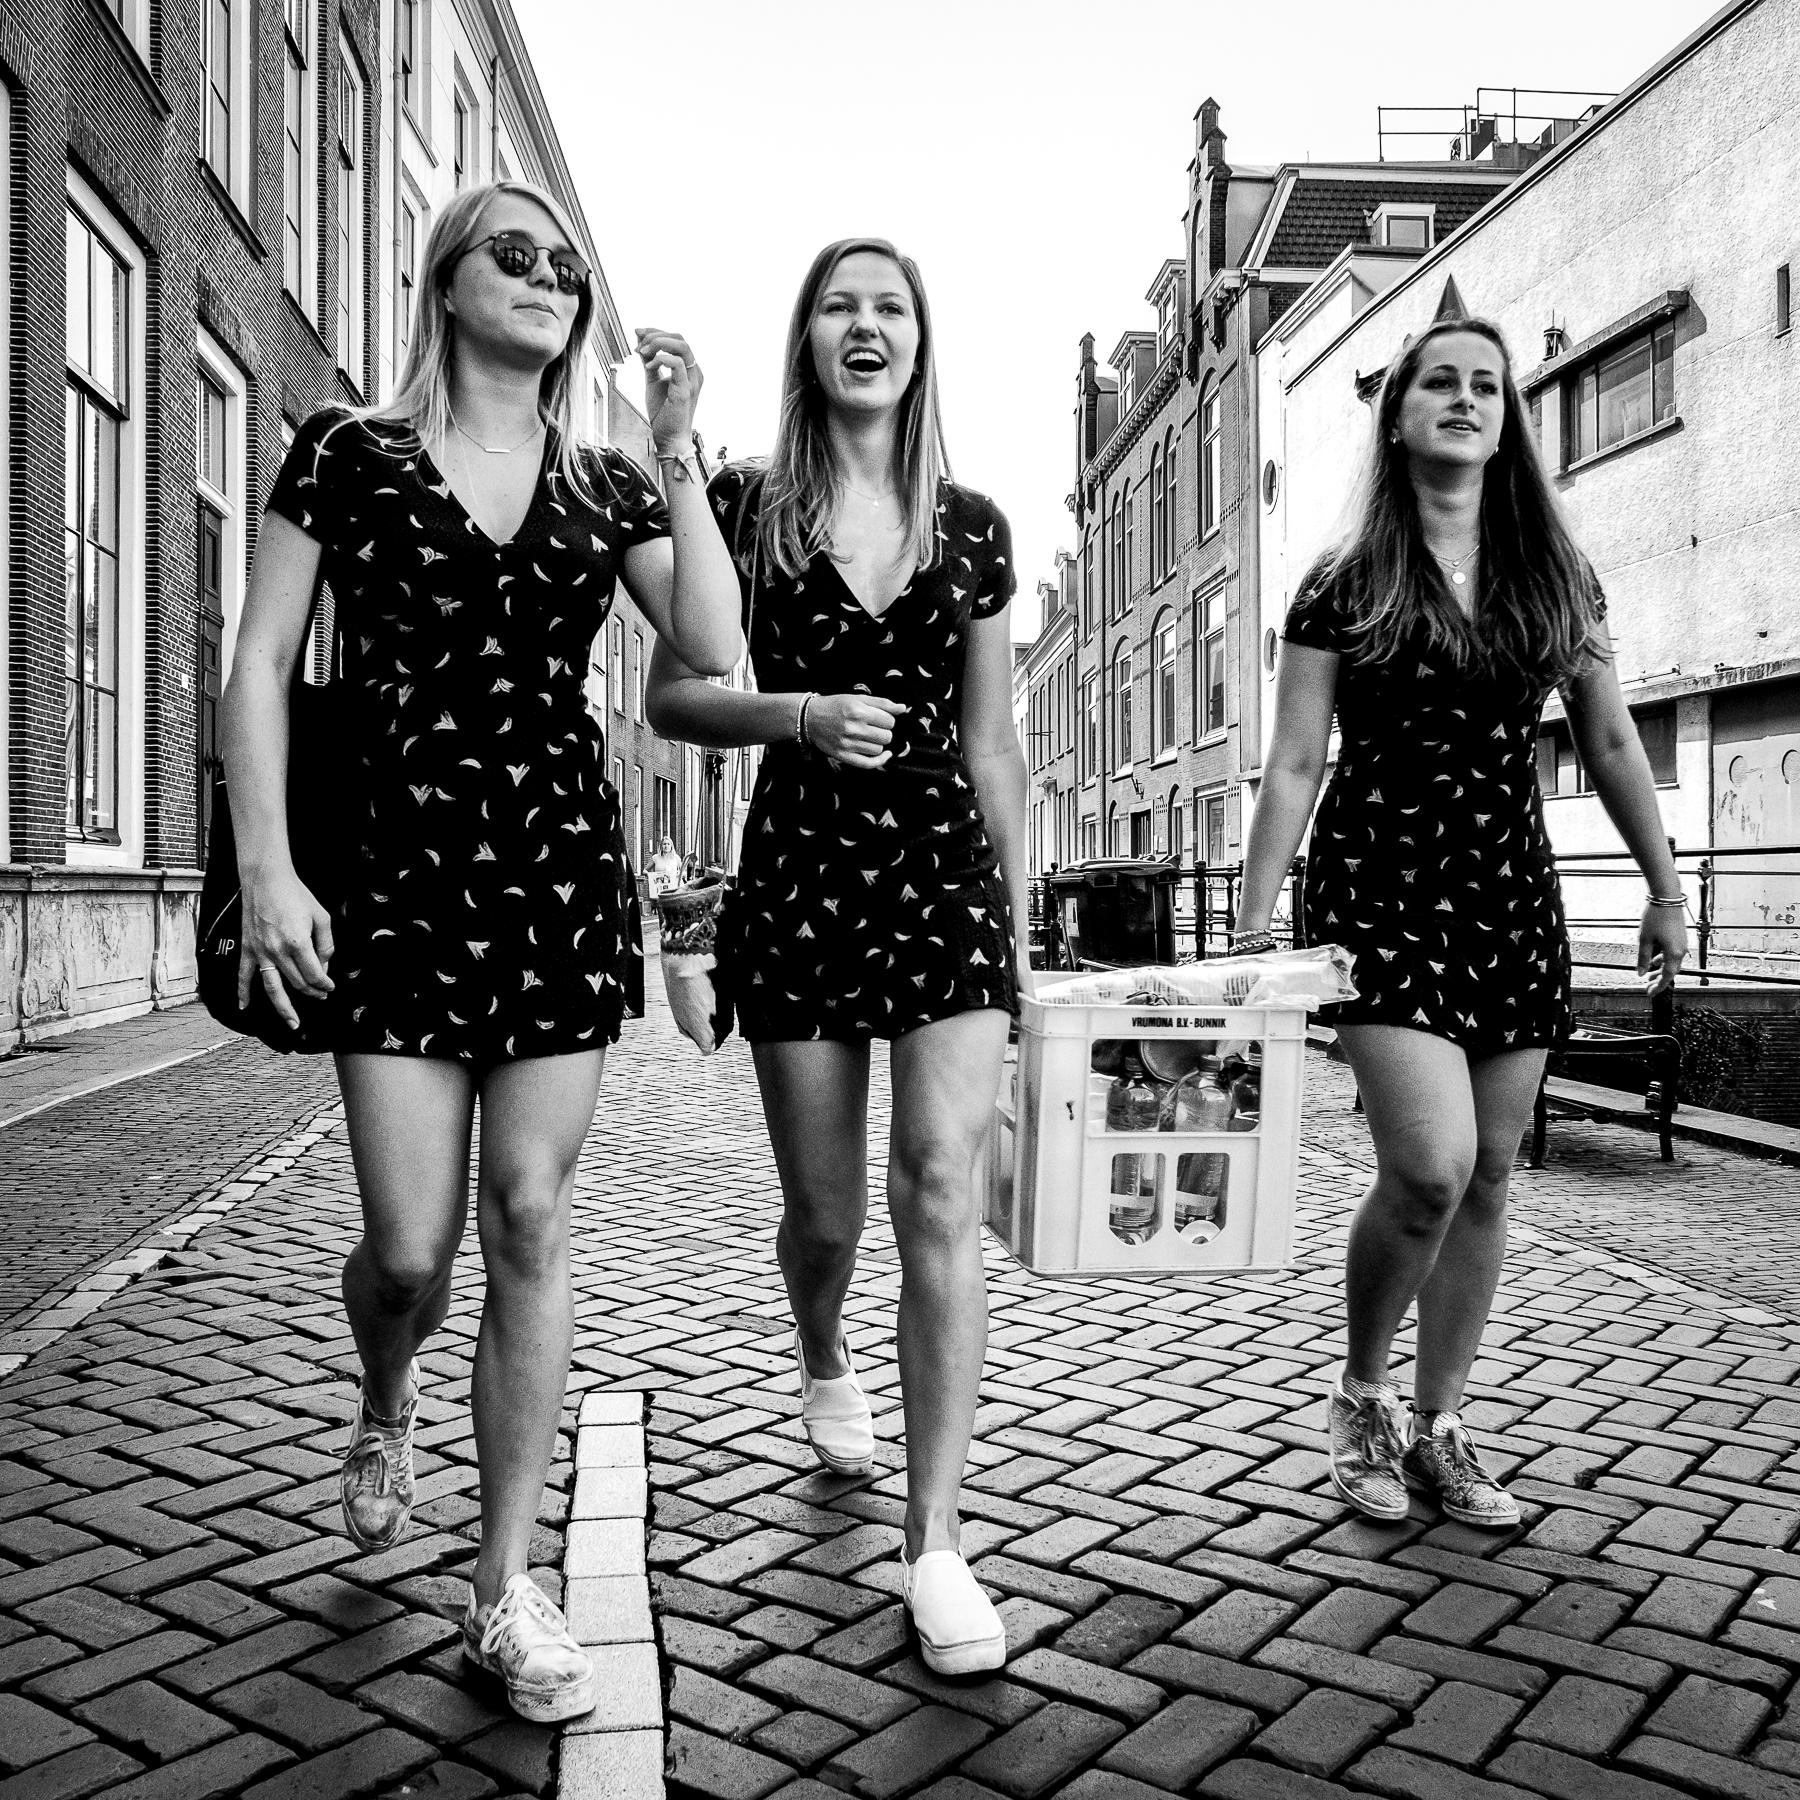 Utrecht street photo 29.jpg